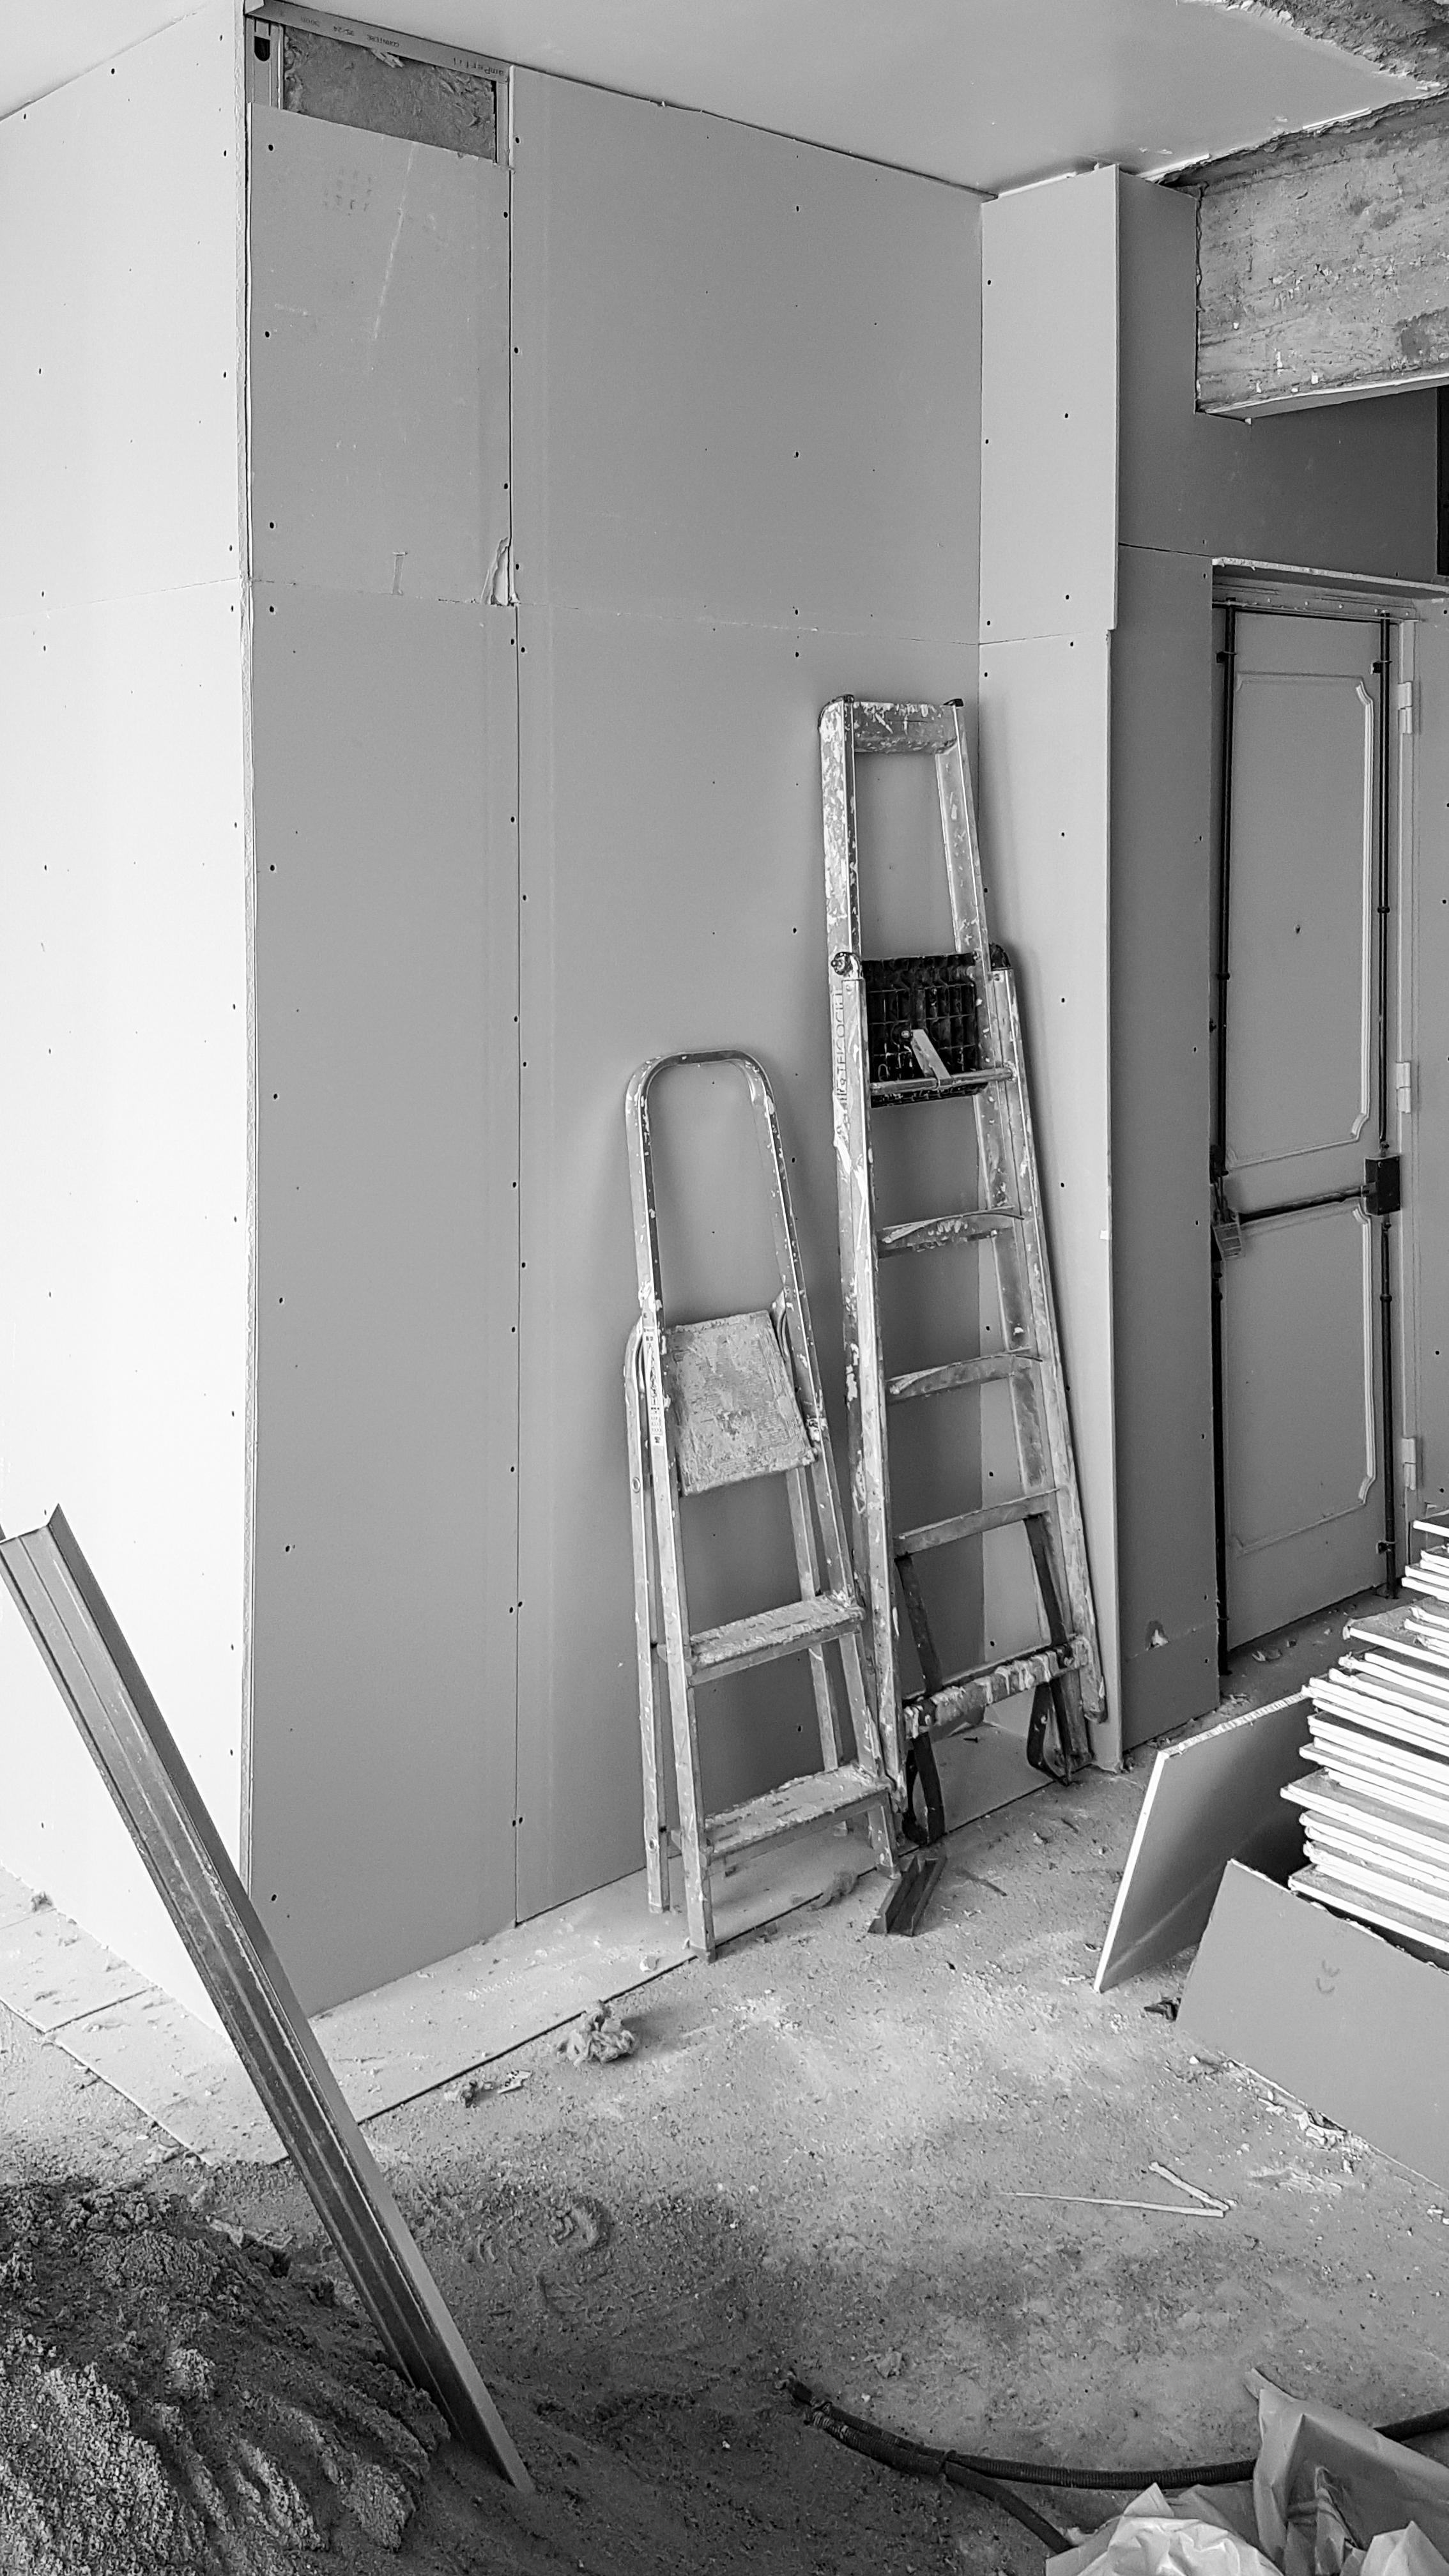 Apartamento Alcântara - Lisboa - EVA evolutionary architecture - EVA atelier - arquitectura - remodelação (13).jpg